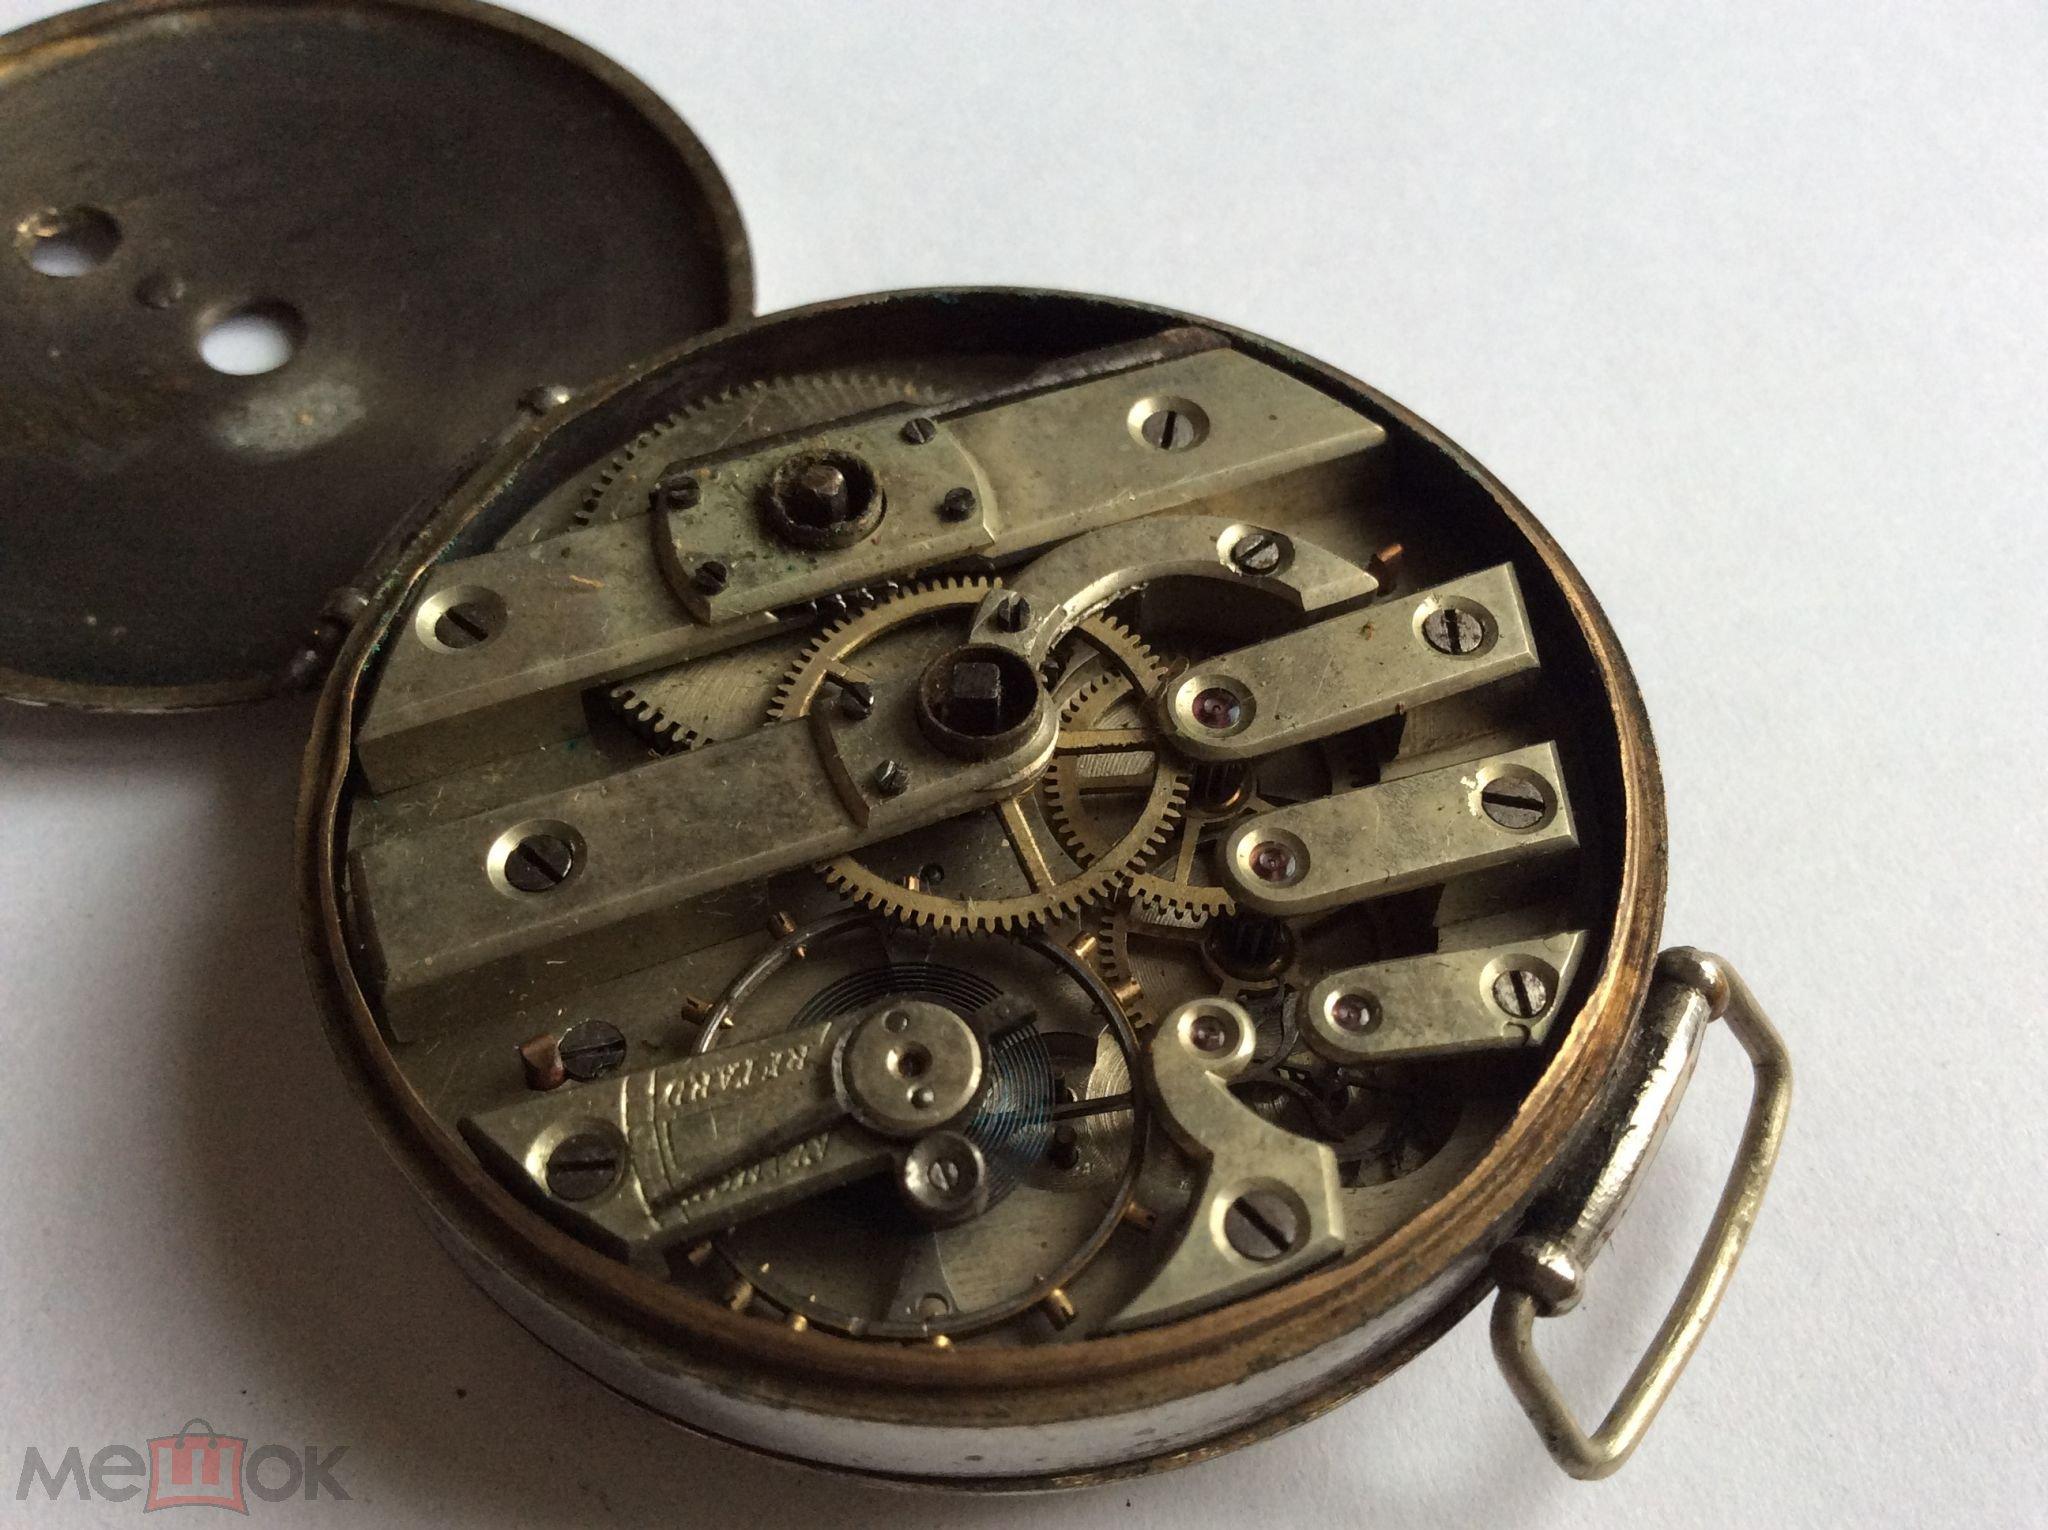 Все три крышки часов выполнены из золота.часы, скорее всего, были произведены в европе для продажи в россии.